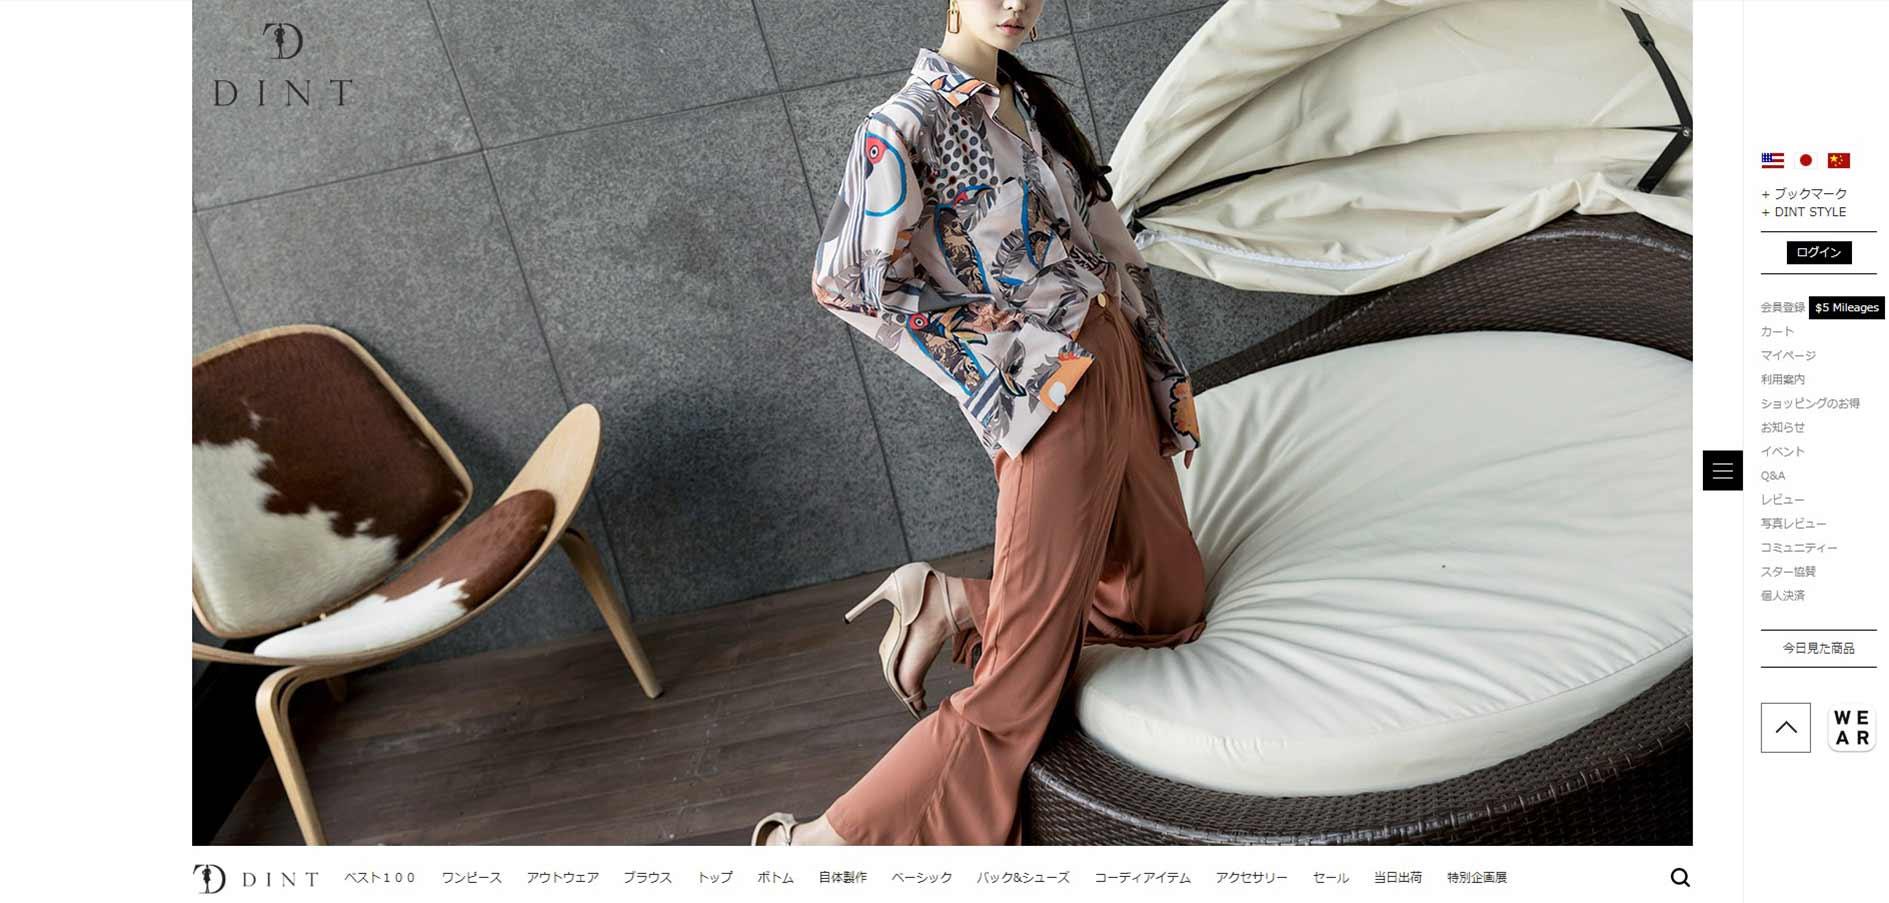 品質とデザインでおすすめな韓国ファッション通販サイトのDINT(ディント)